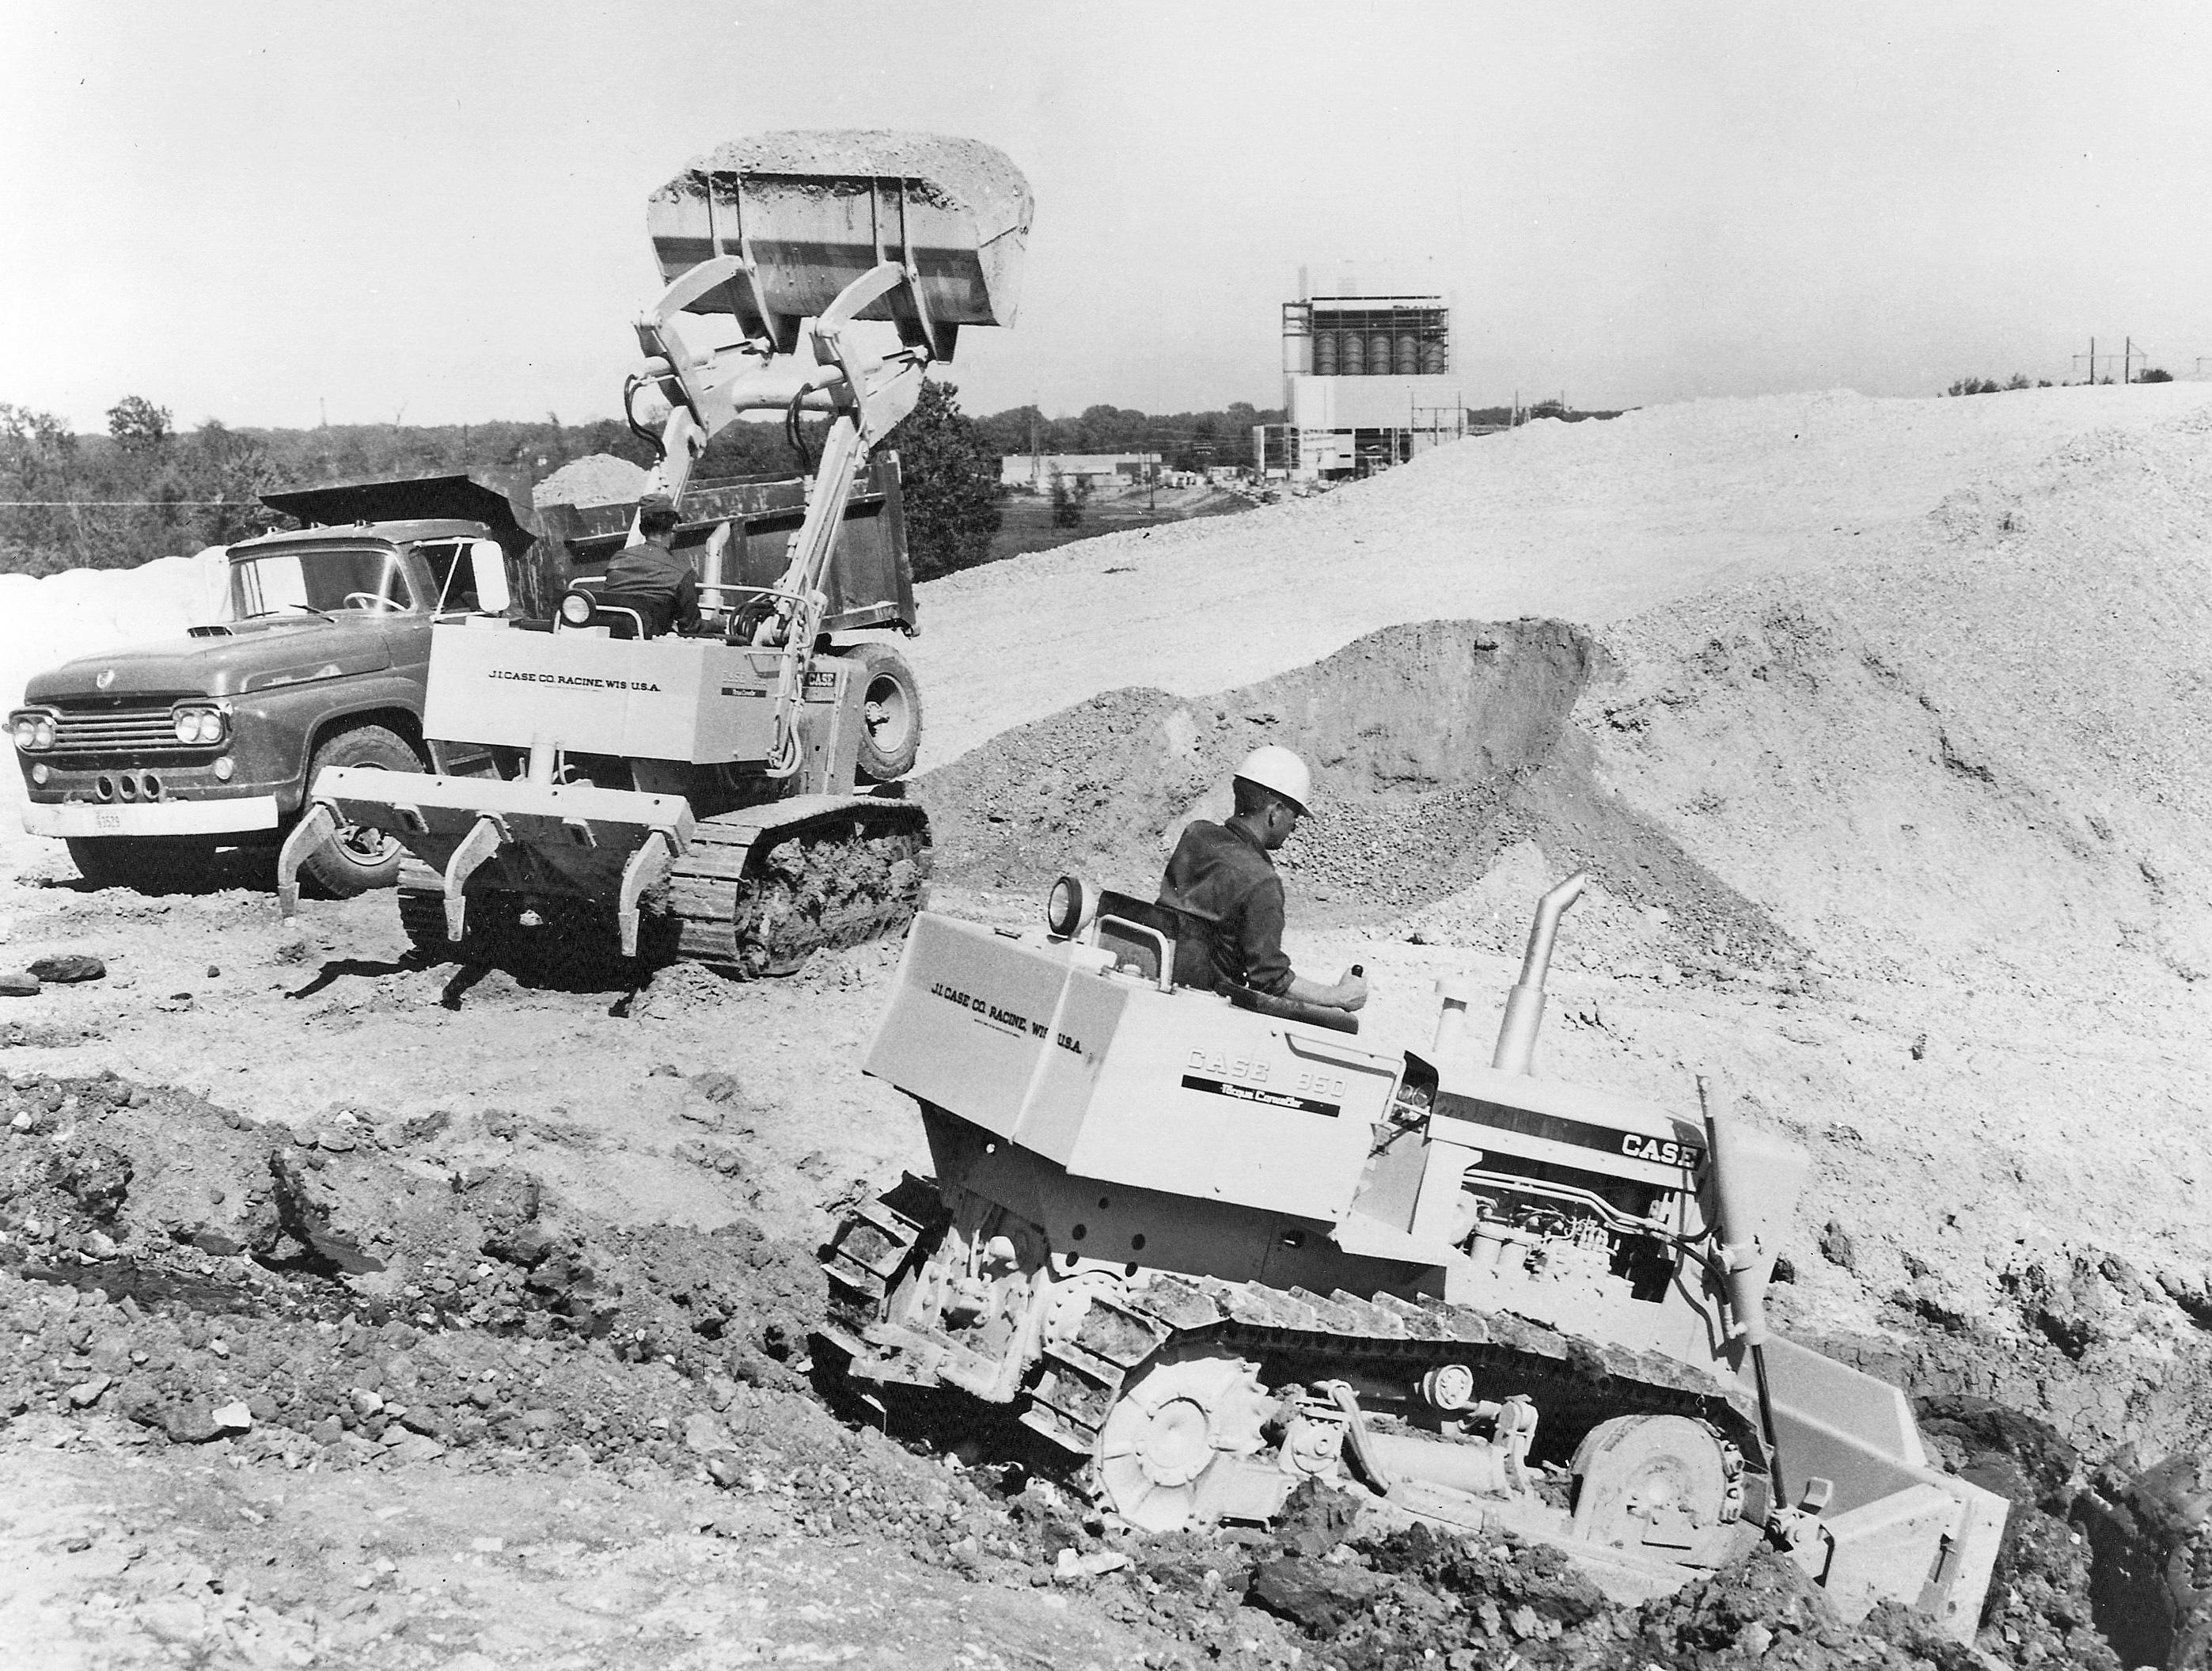 Case Model 850 dozer and front loader, Pit & Quarry